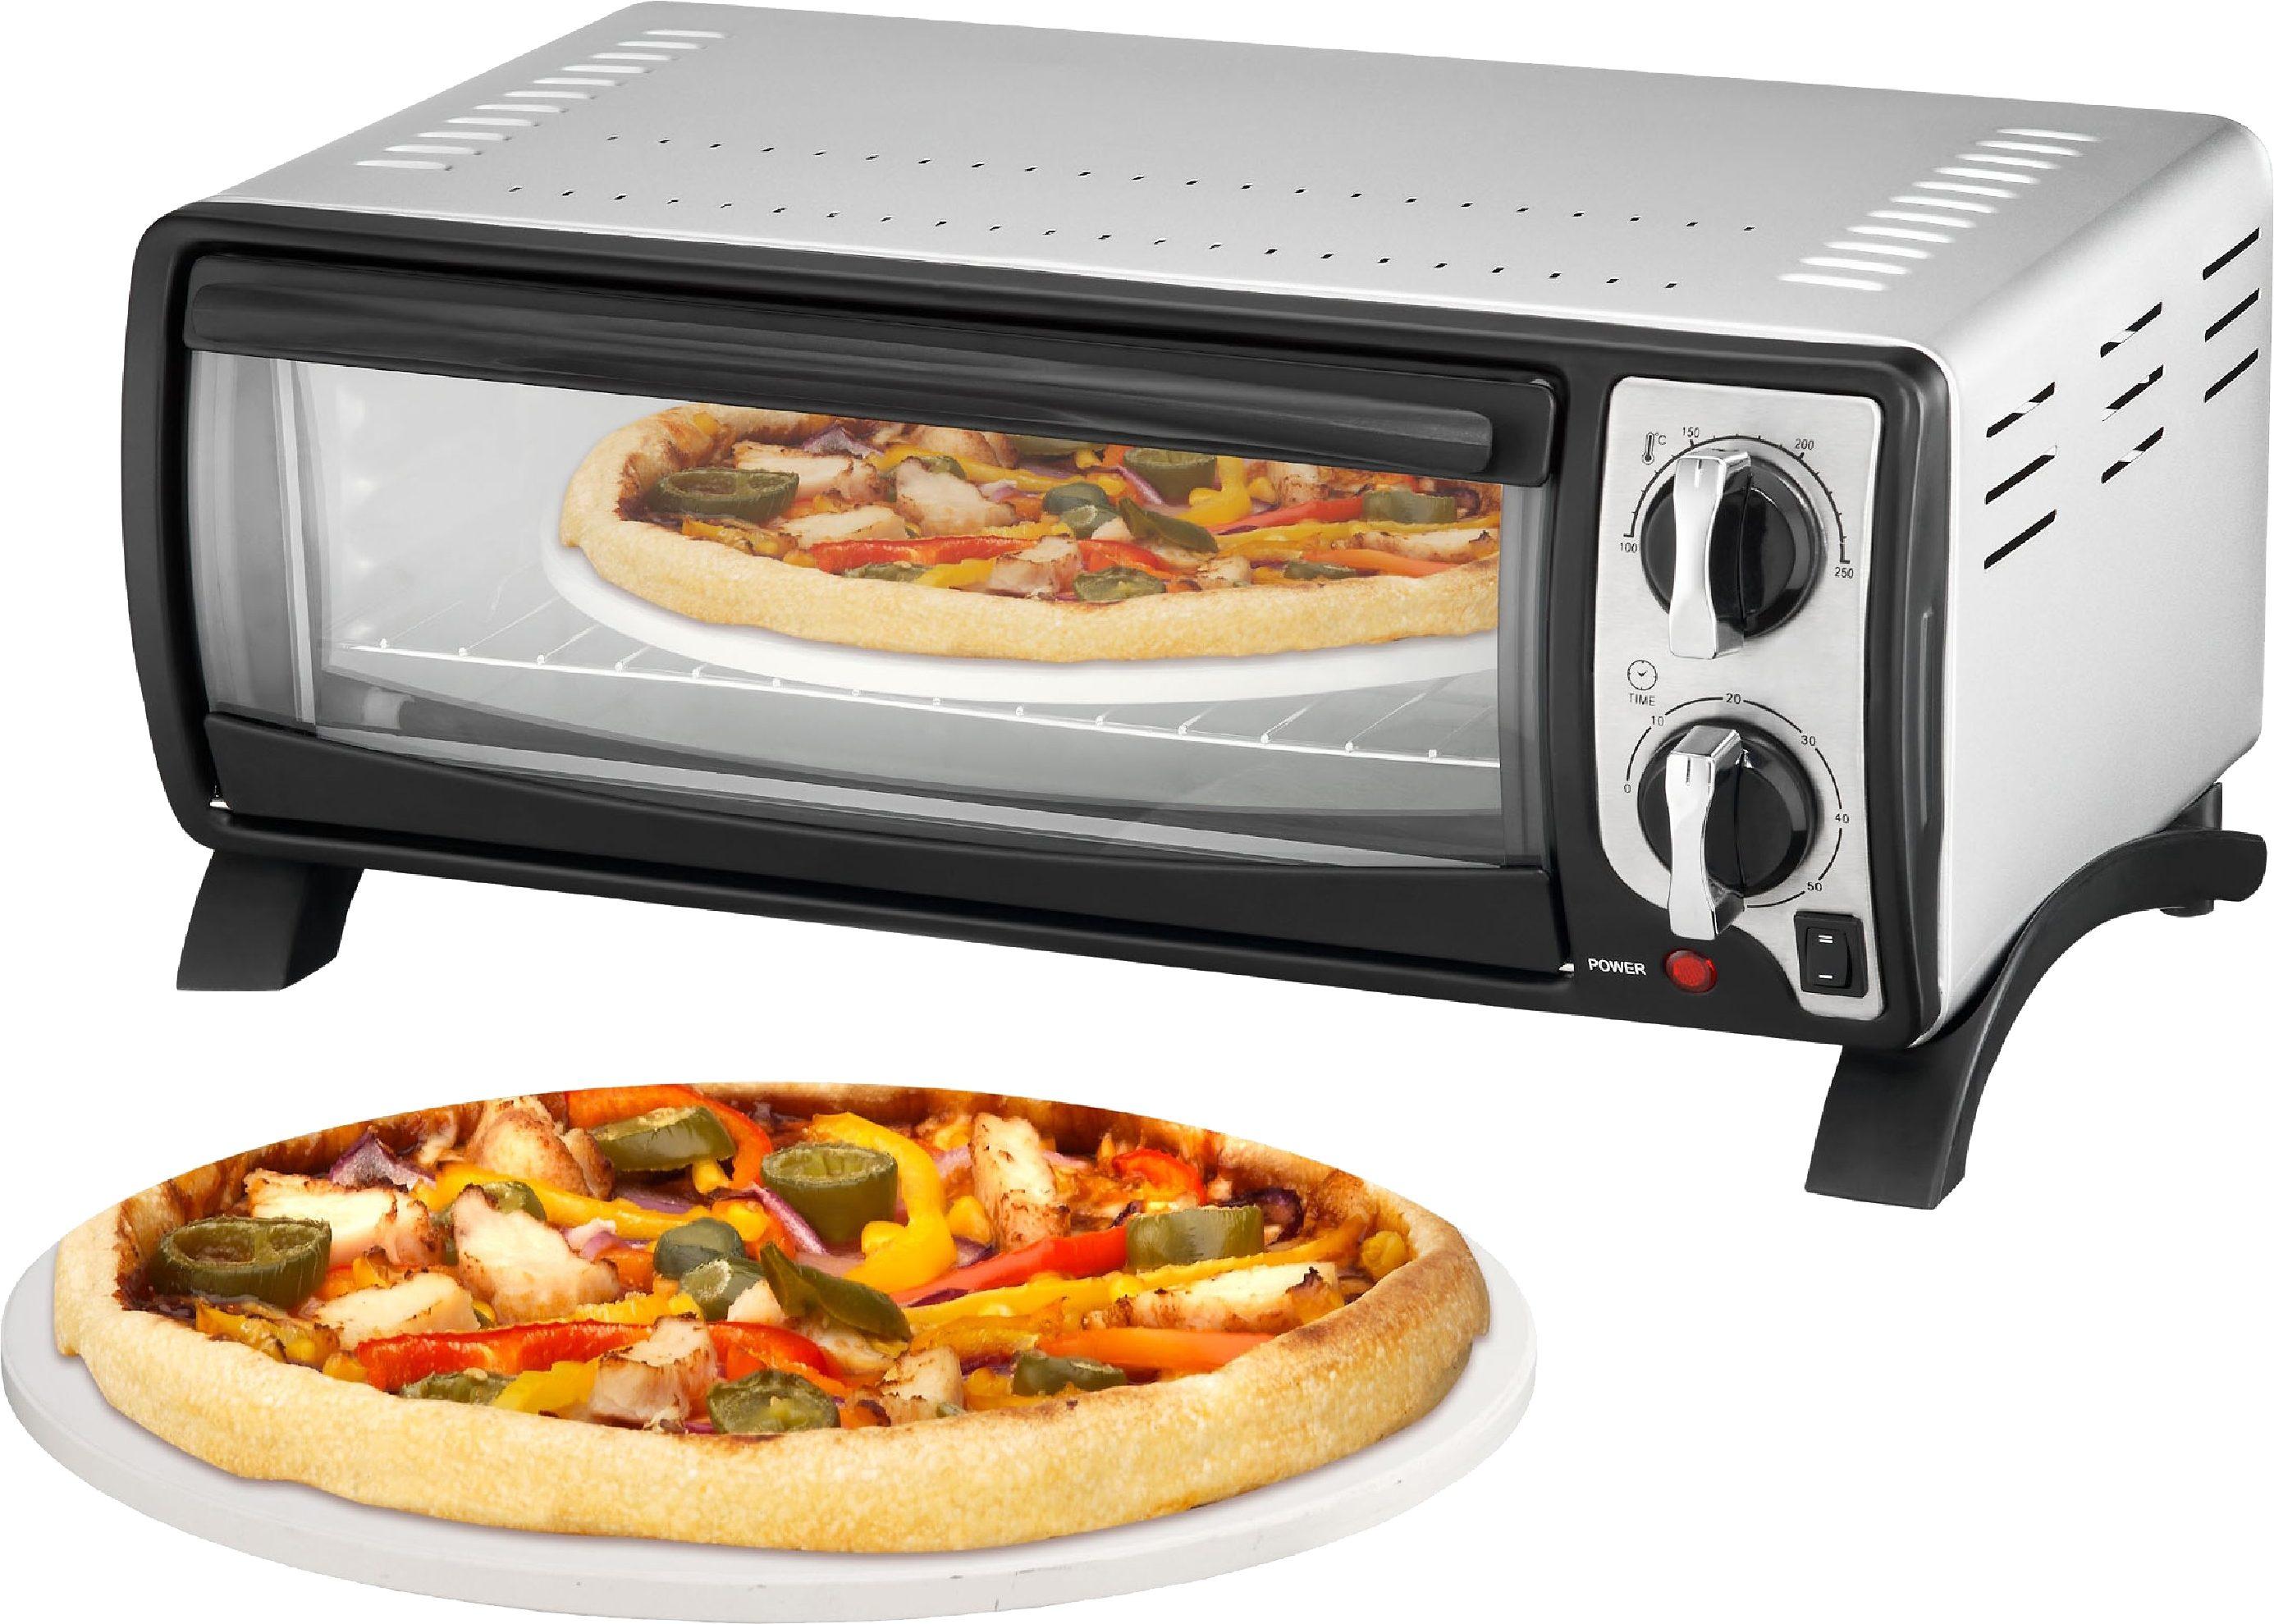 efbe-schott Pizzaofen SC MBO 1000 SI, 1400 Watt